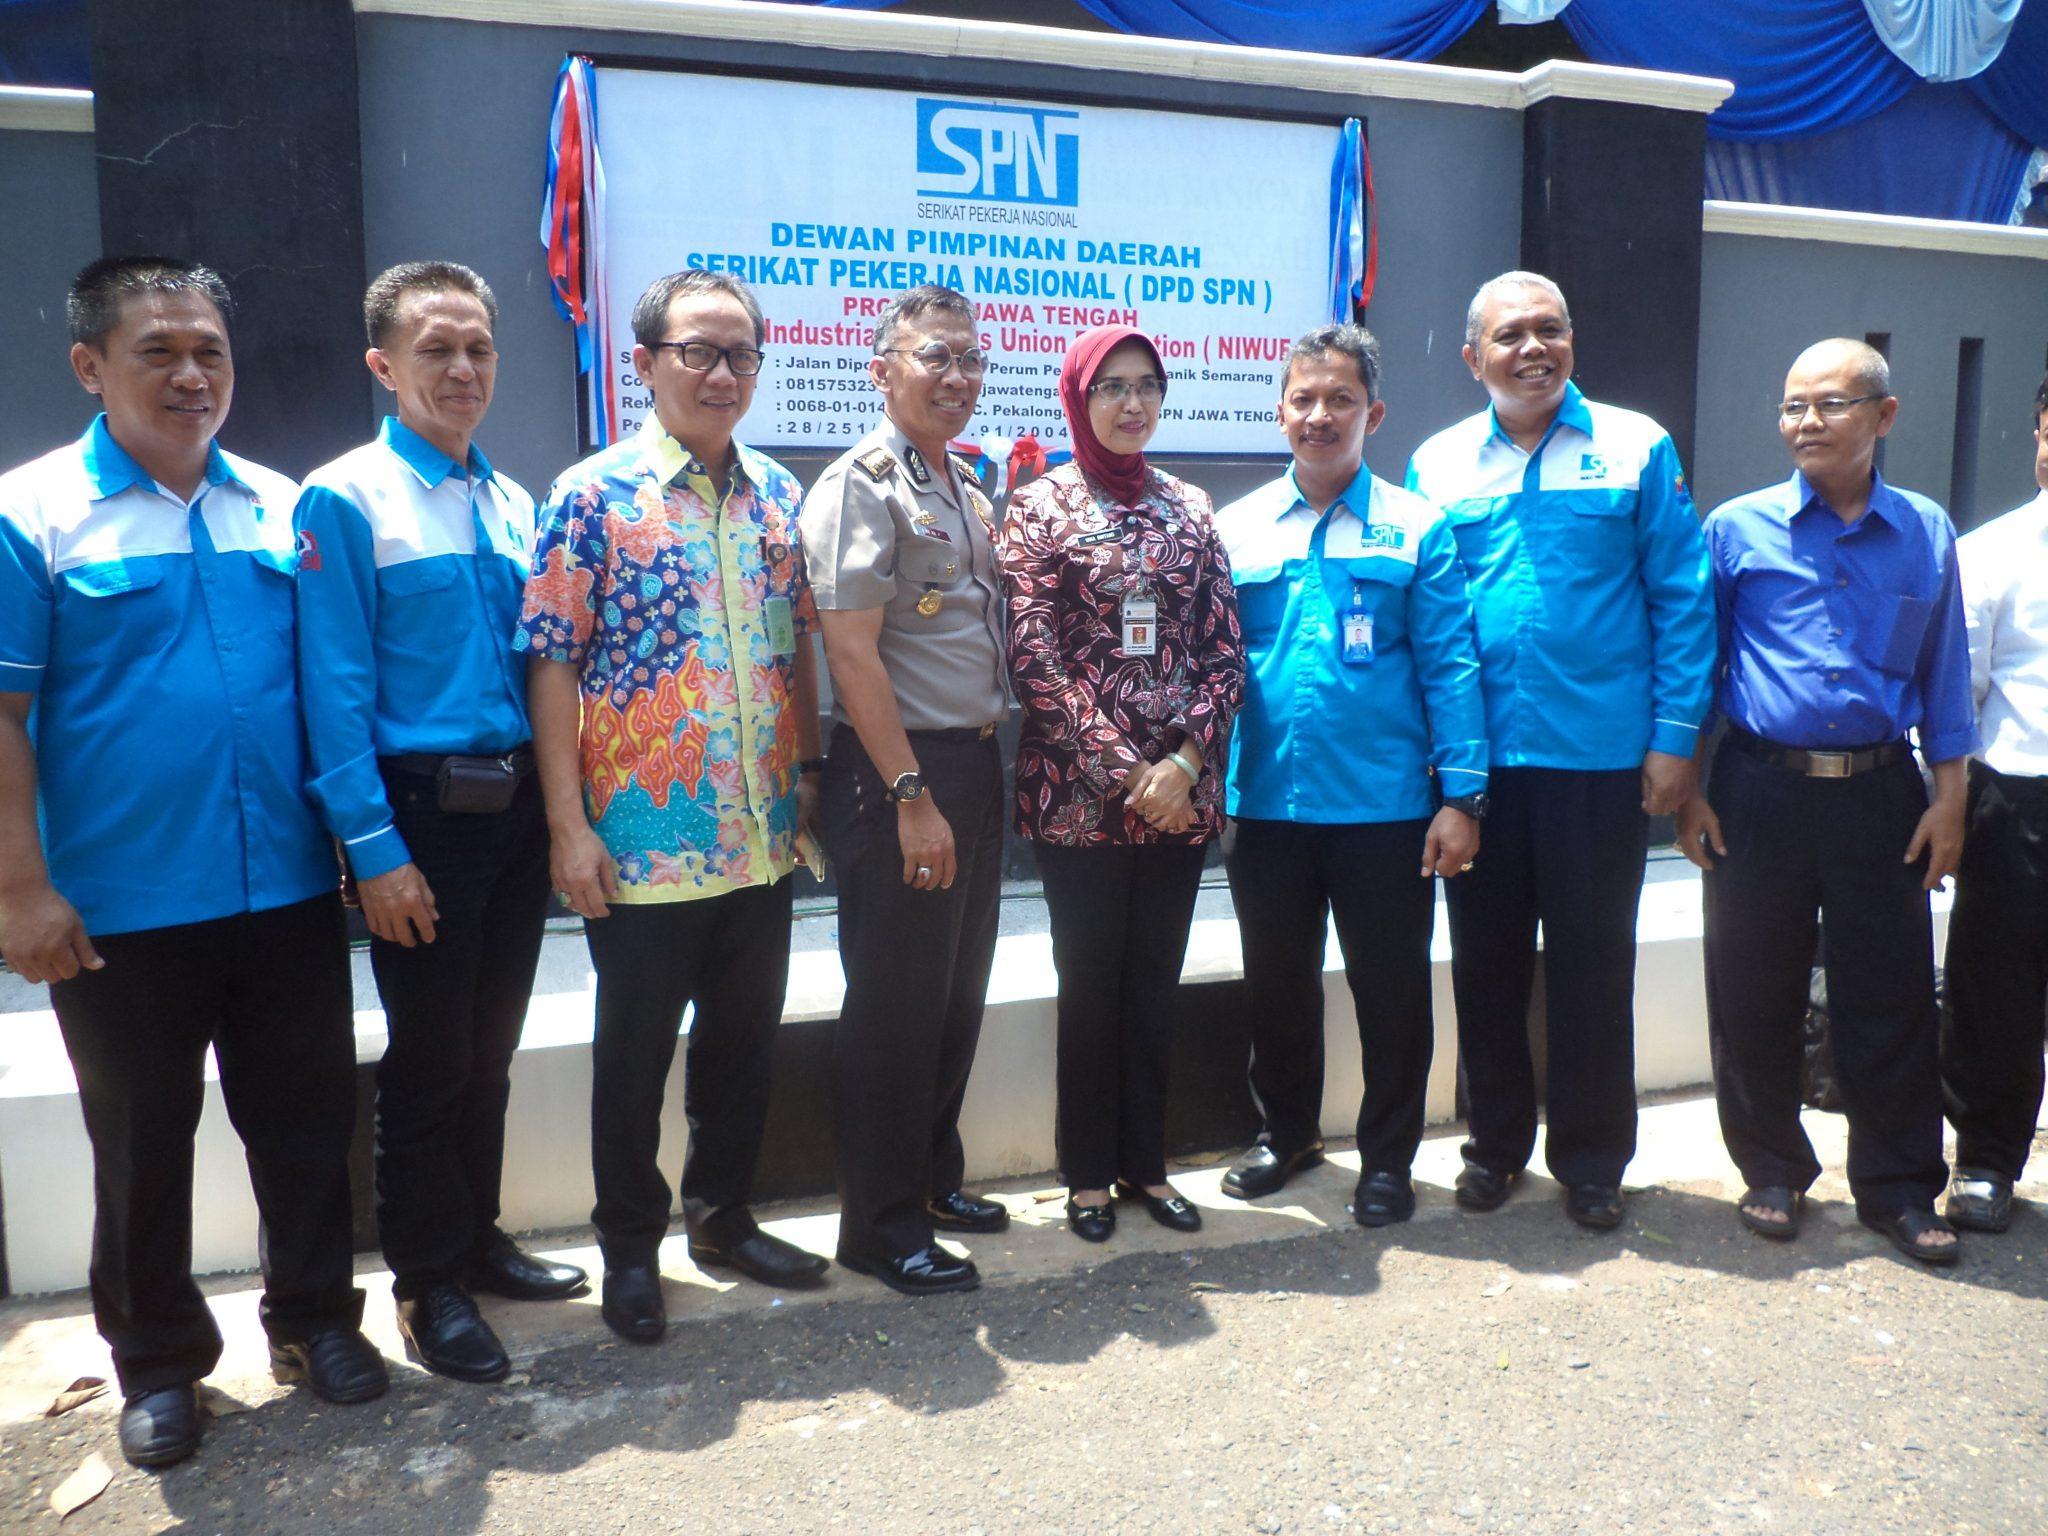 Gubernur Ganjar Pranowo Resmikan Kantor DPD SPN Provinsi Jawa Tengah